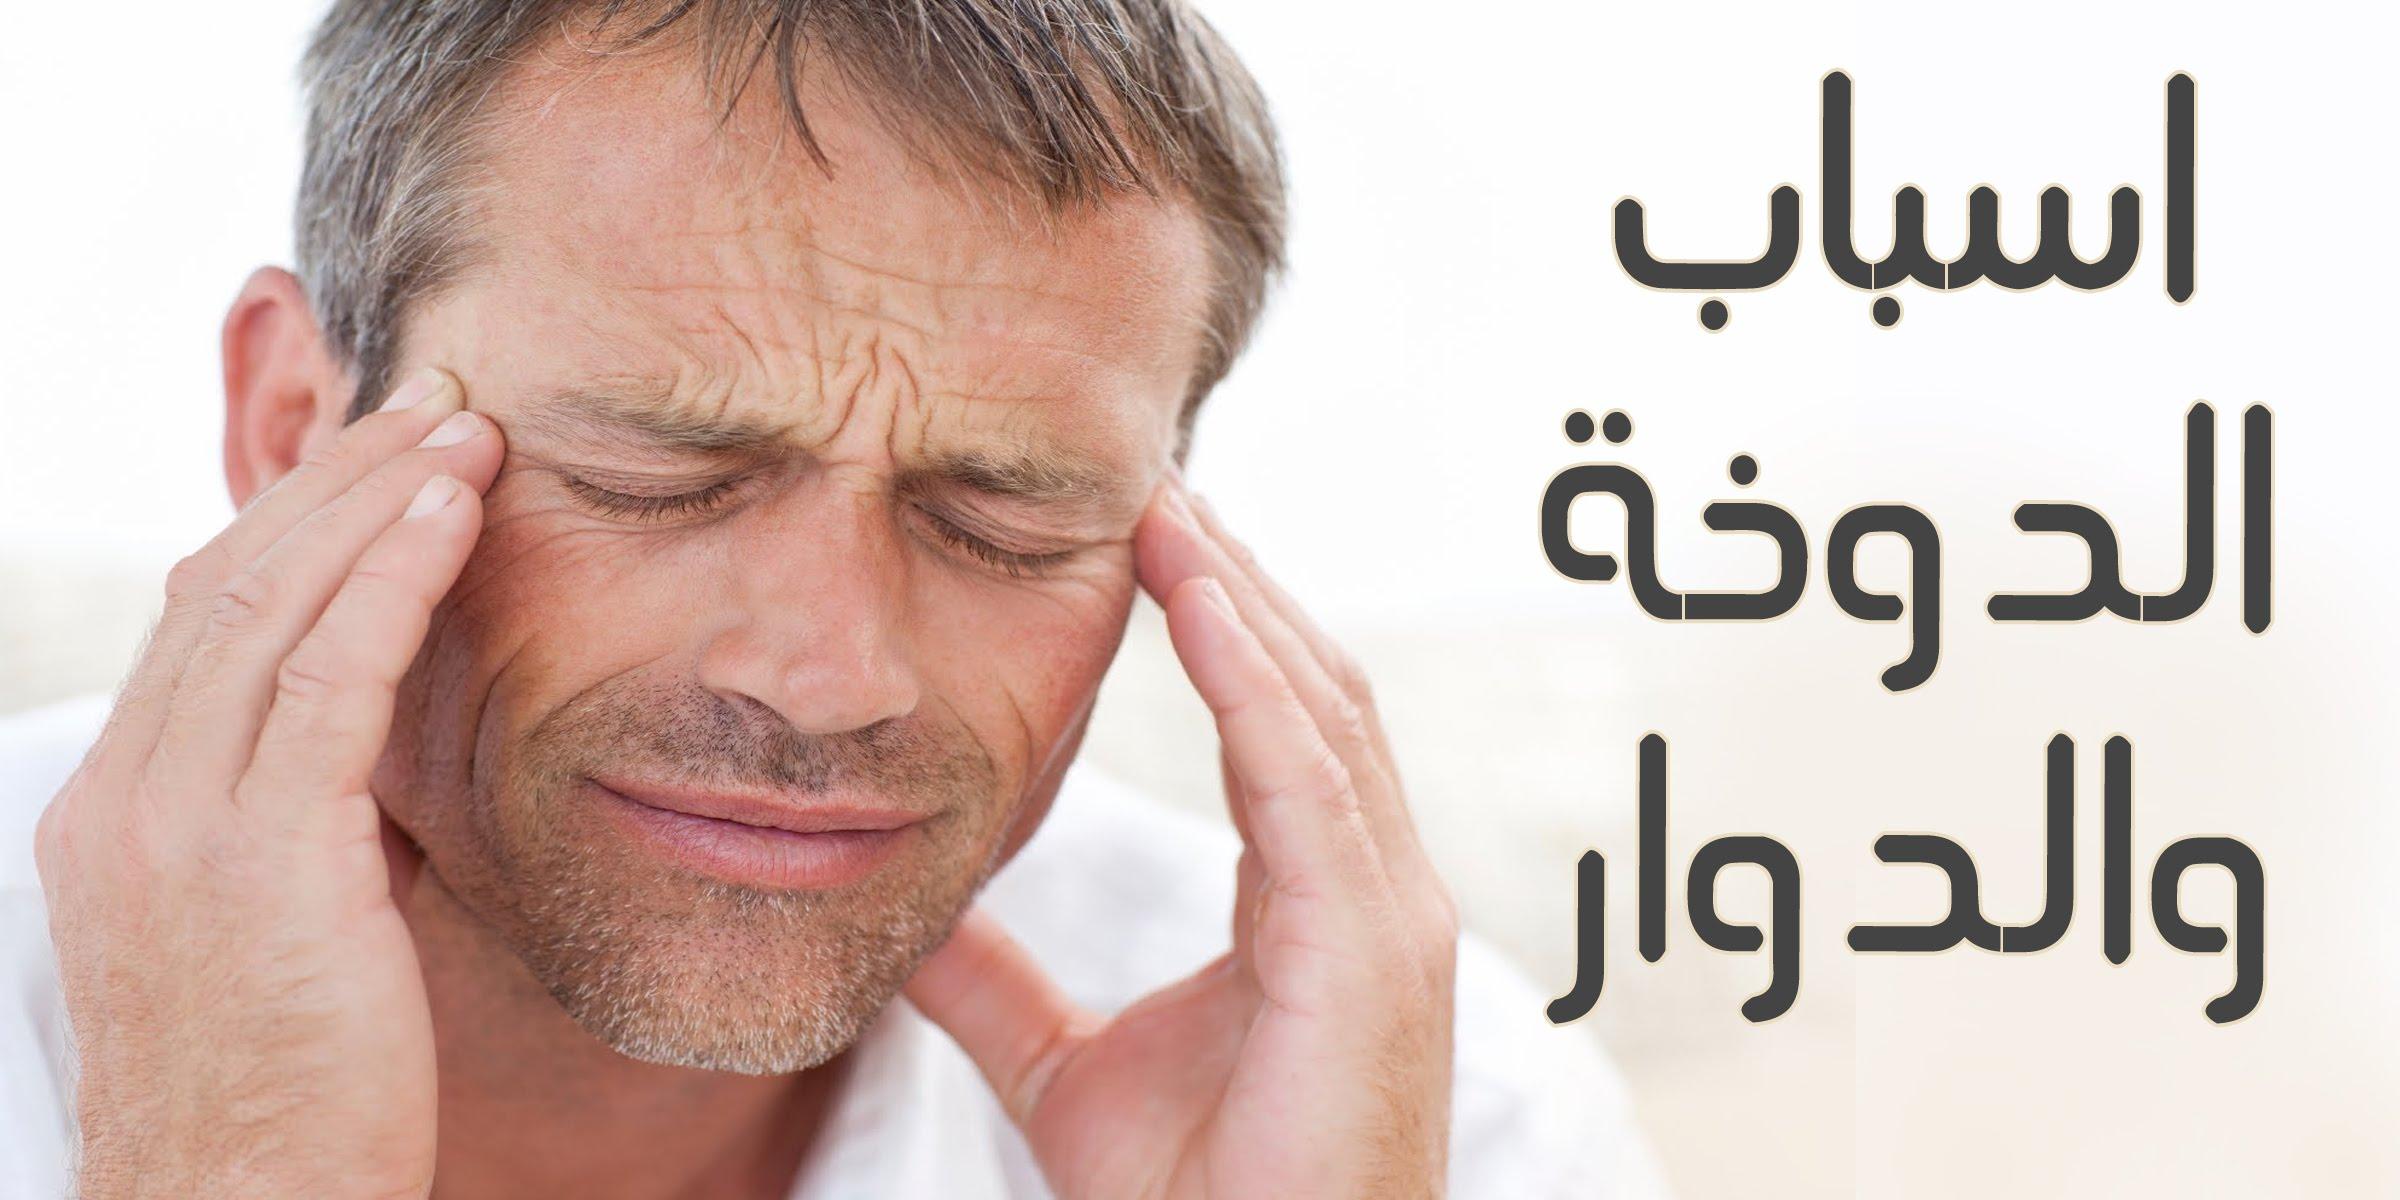 علانية مقيم غنائي ادوية لعلاج الدوخة وعدم الاتزان Comertinsaat Com